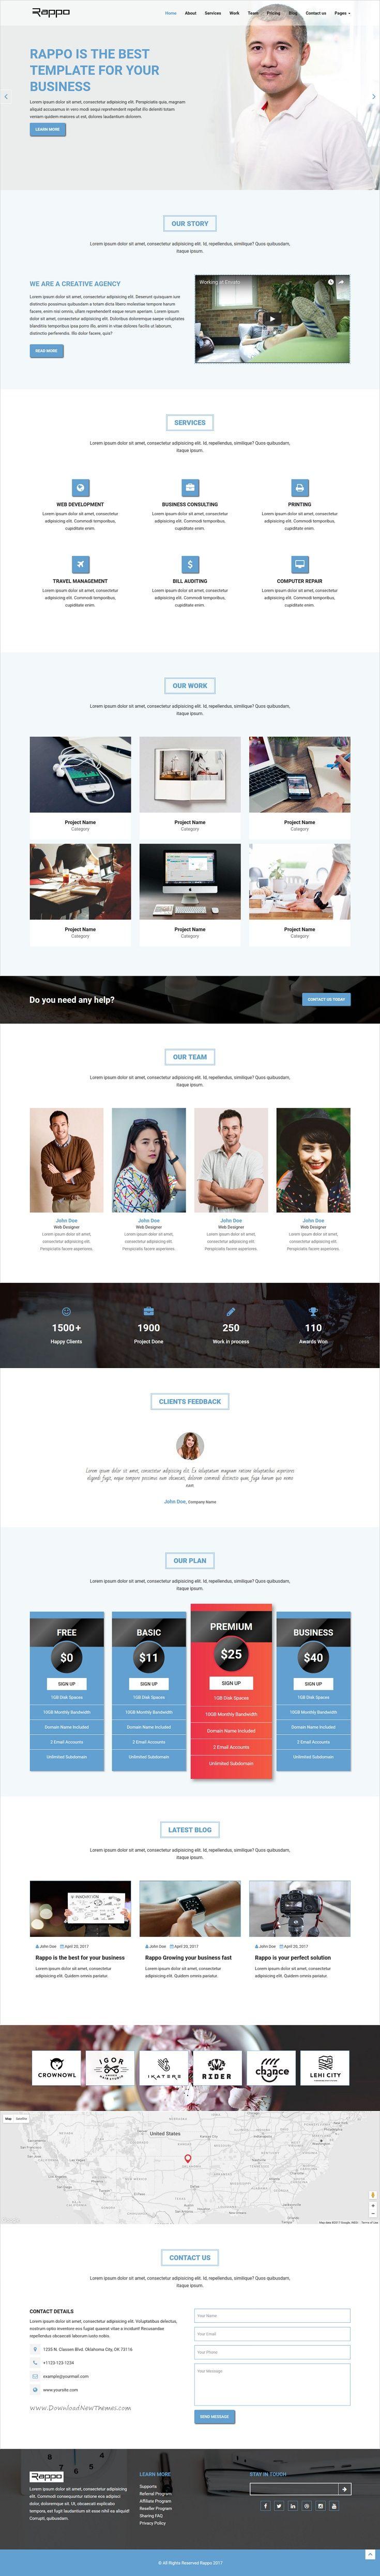 9938 mejores imágenes sobre best responsive website template en